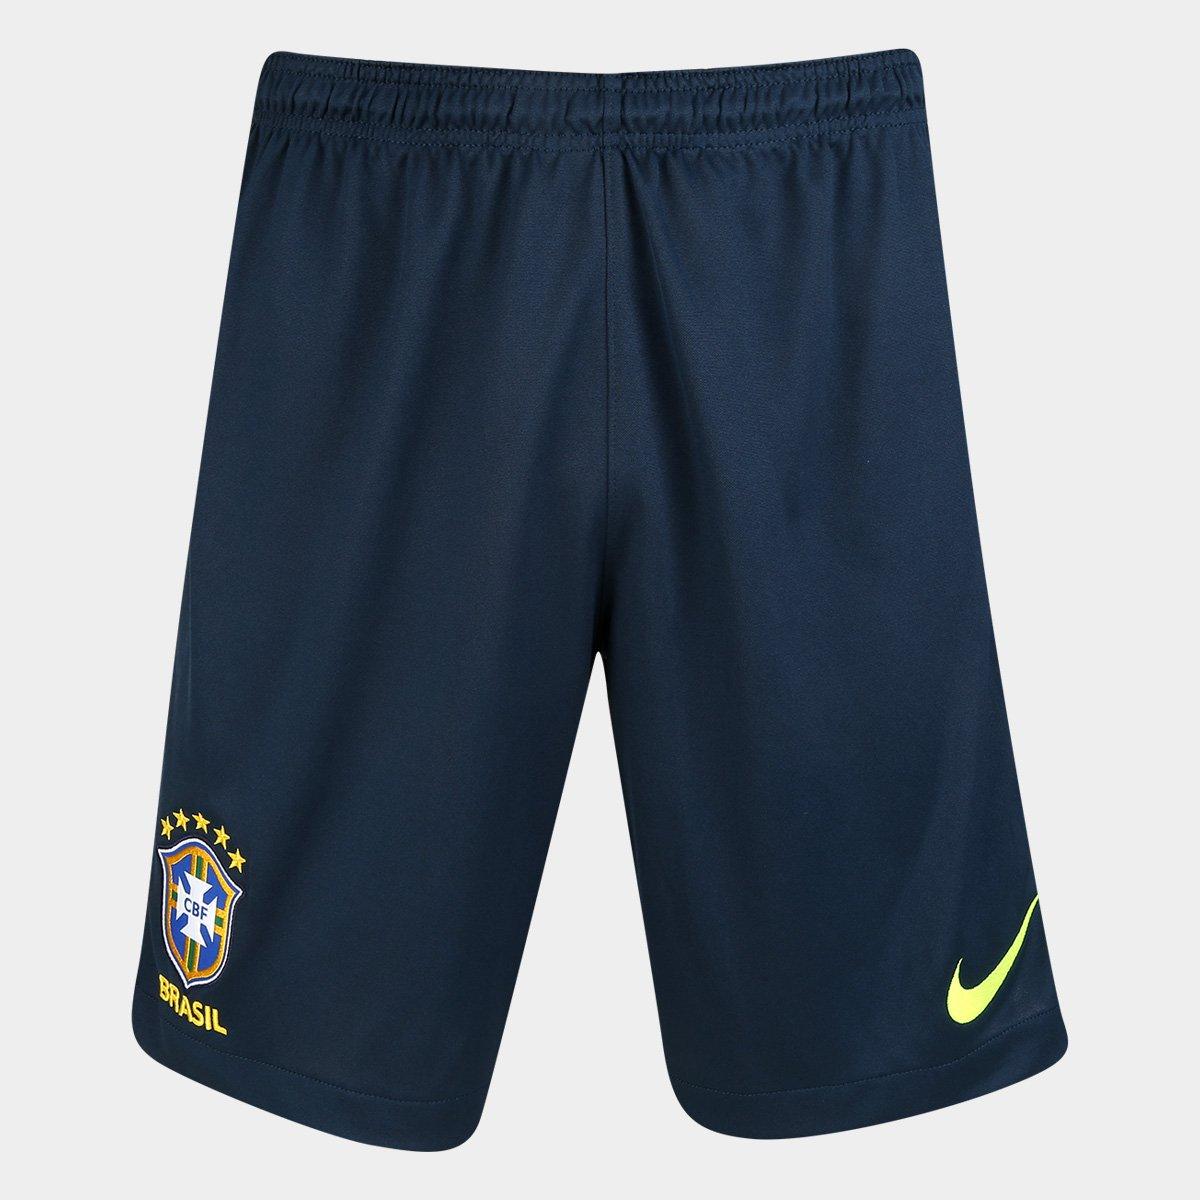 Calção Seleção Brasil Dry Squad Nike Masculino - Compre Agora  c84c01c2c50a9